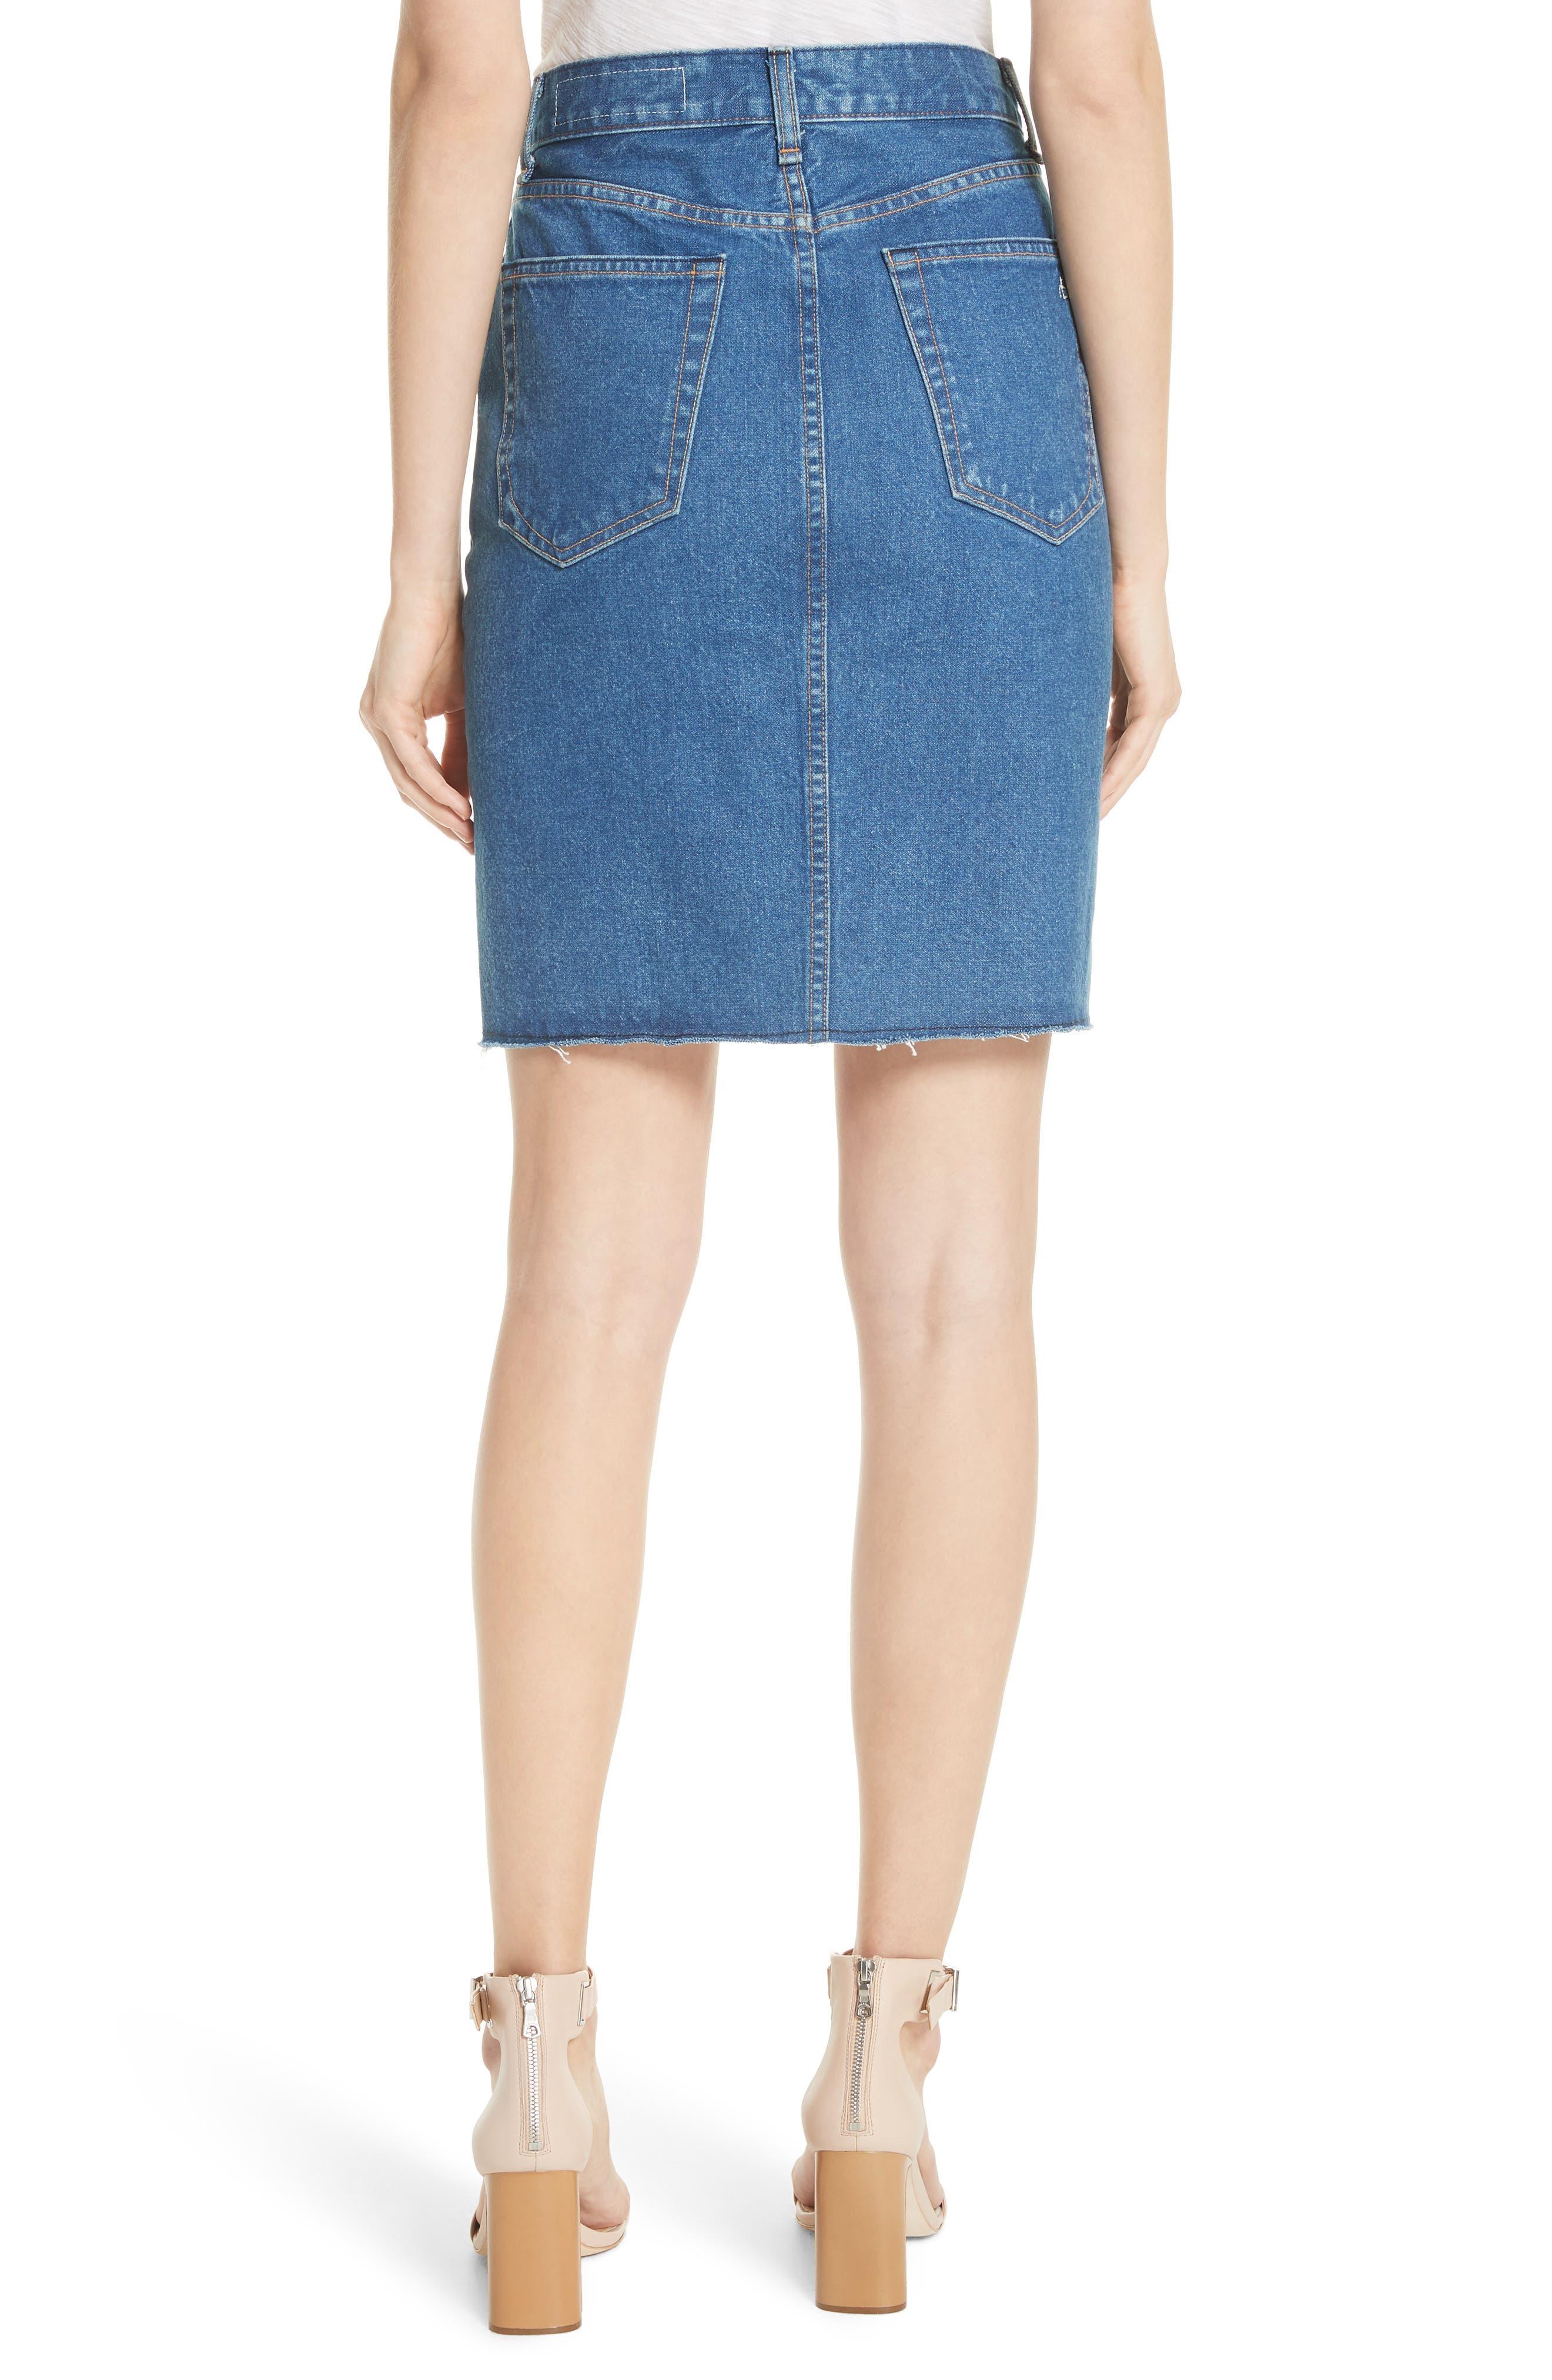 Suji Denim Skirt,                             Alternate thumbnail 2, color,                             401